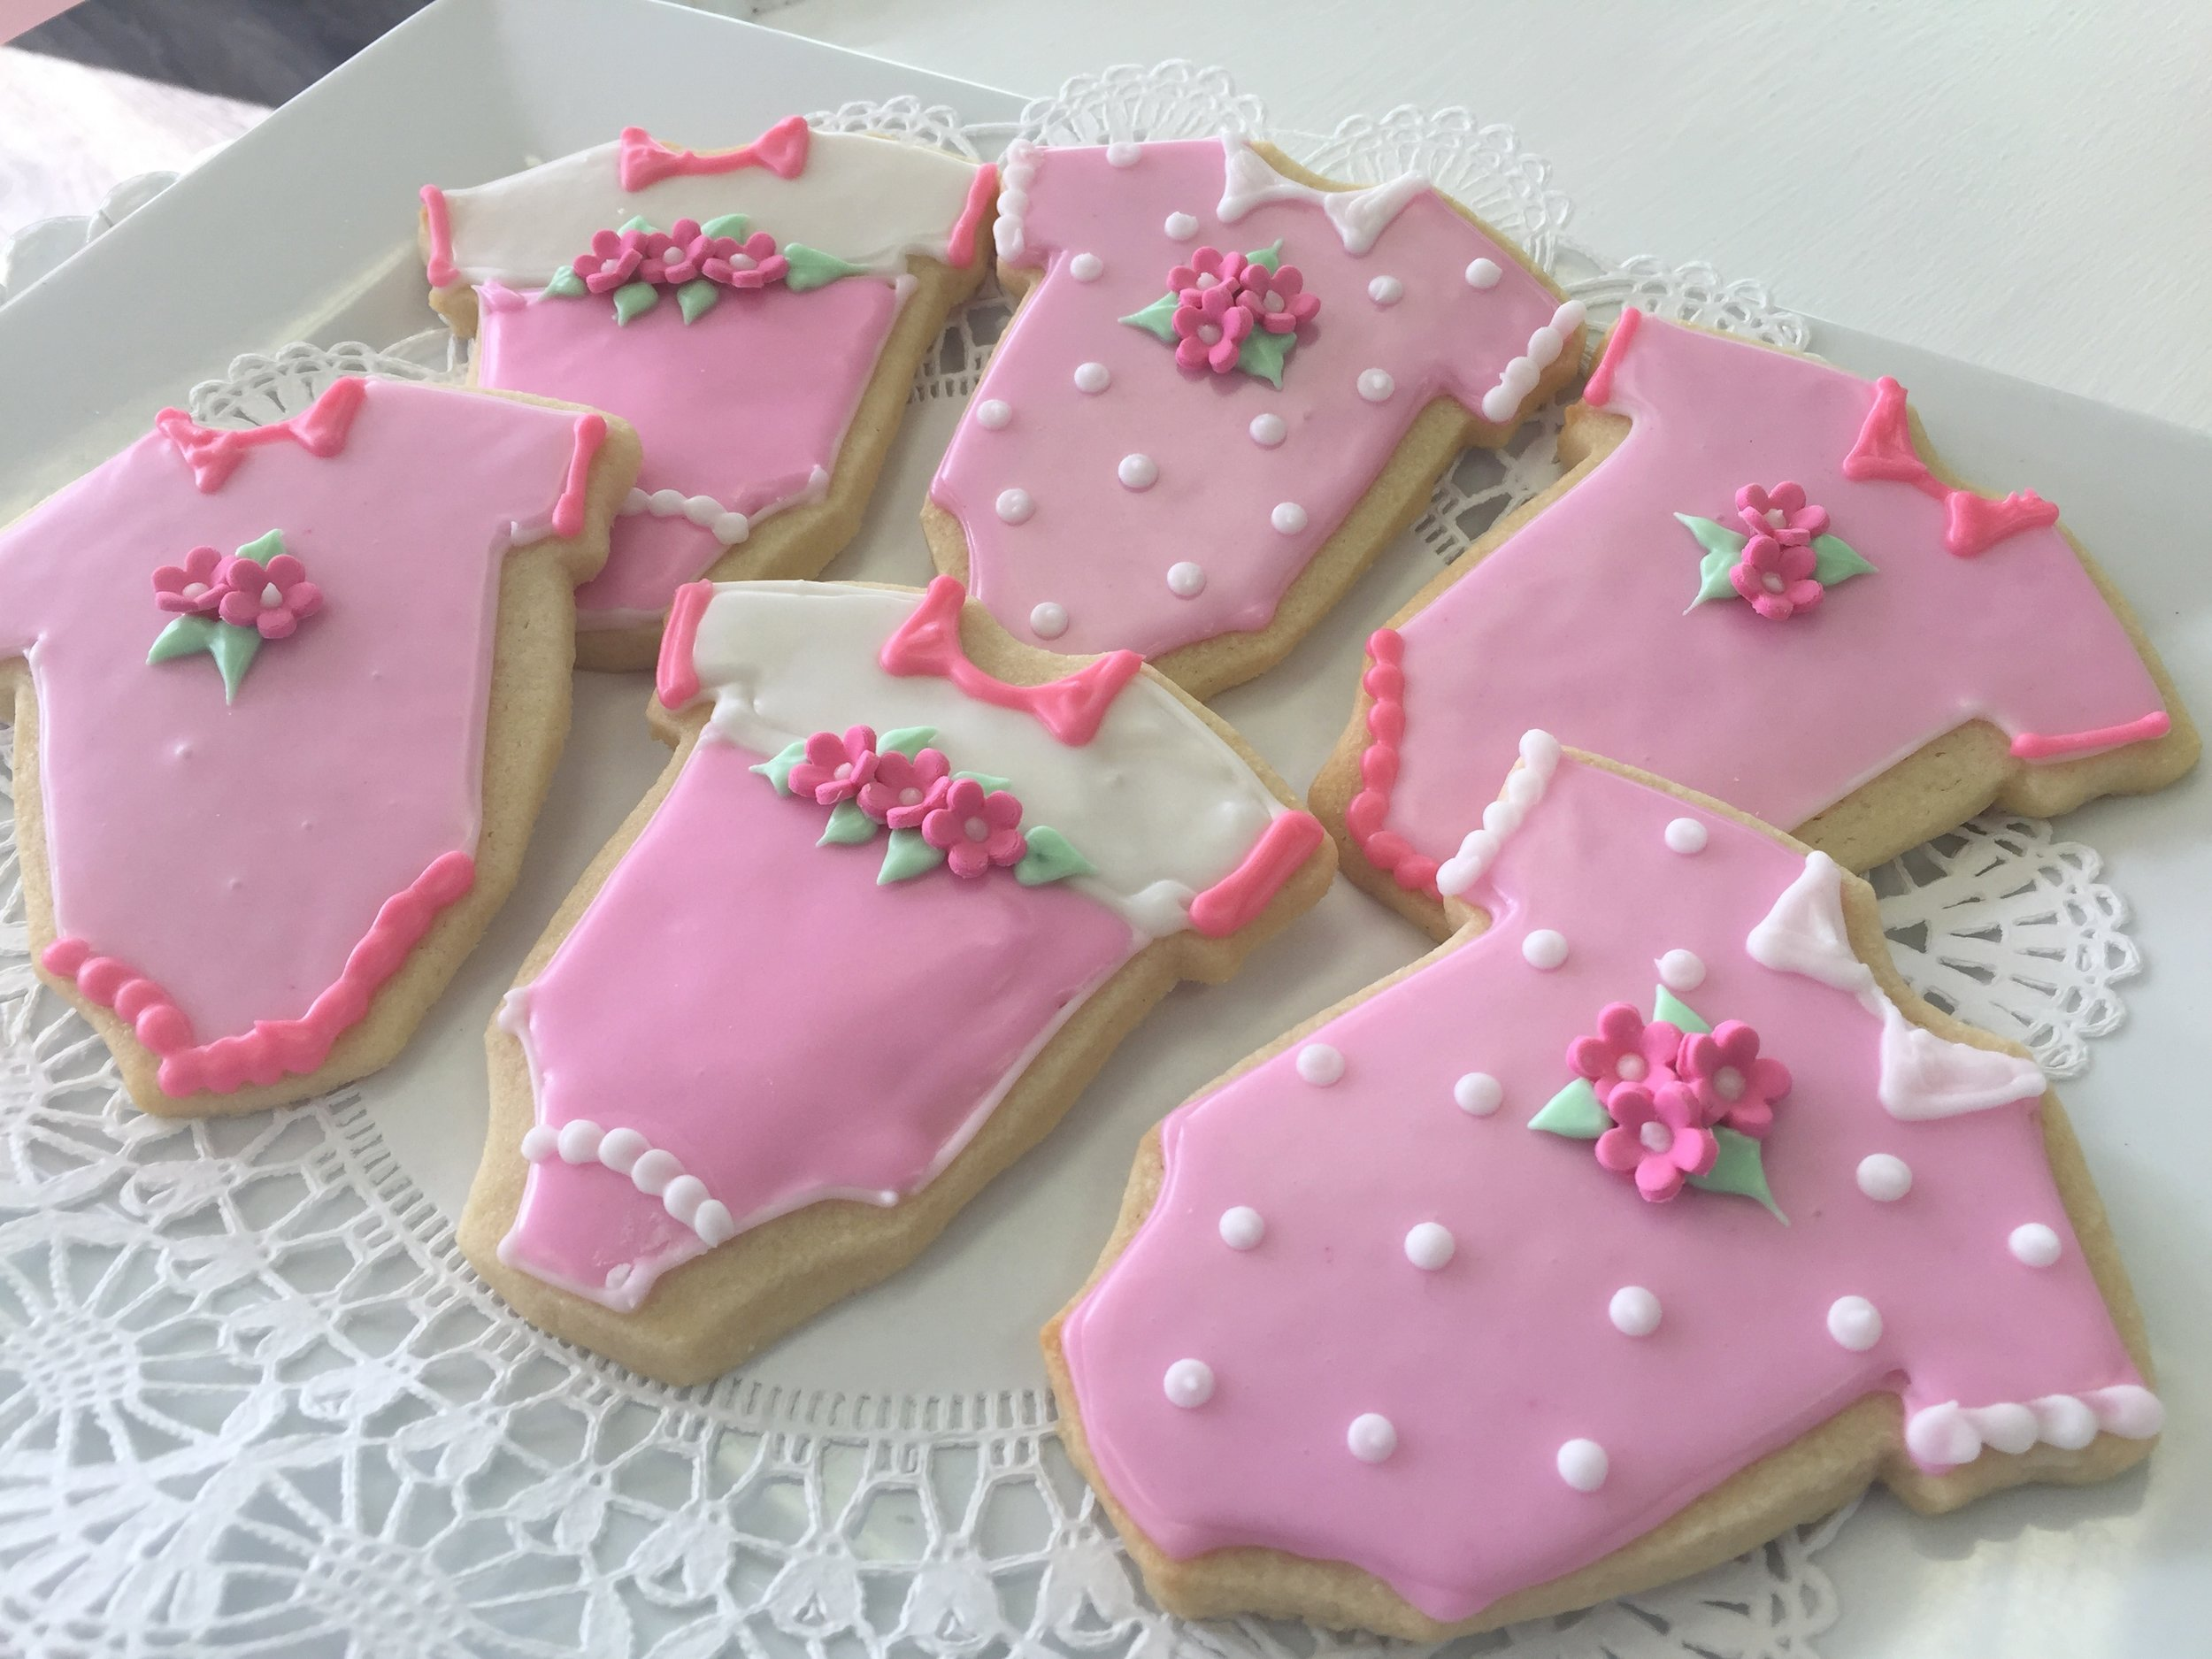 sugar cookies - pink onesies with polka dots.JPG